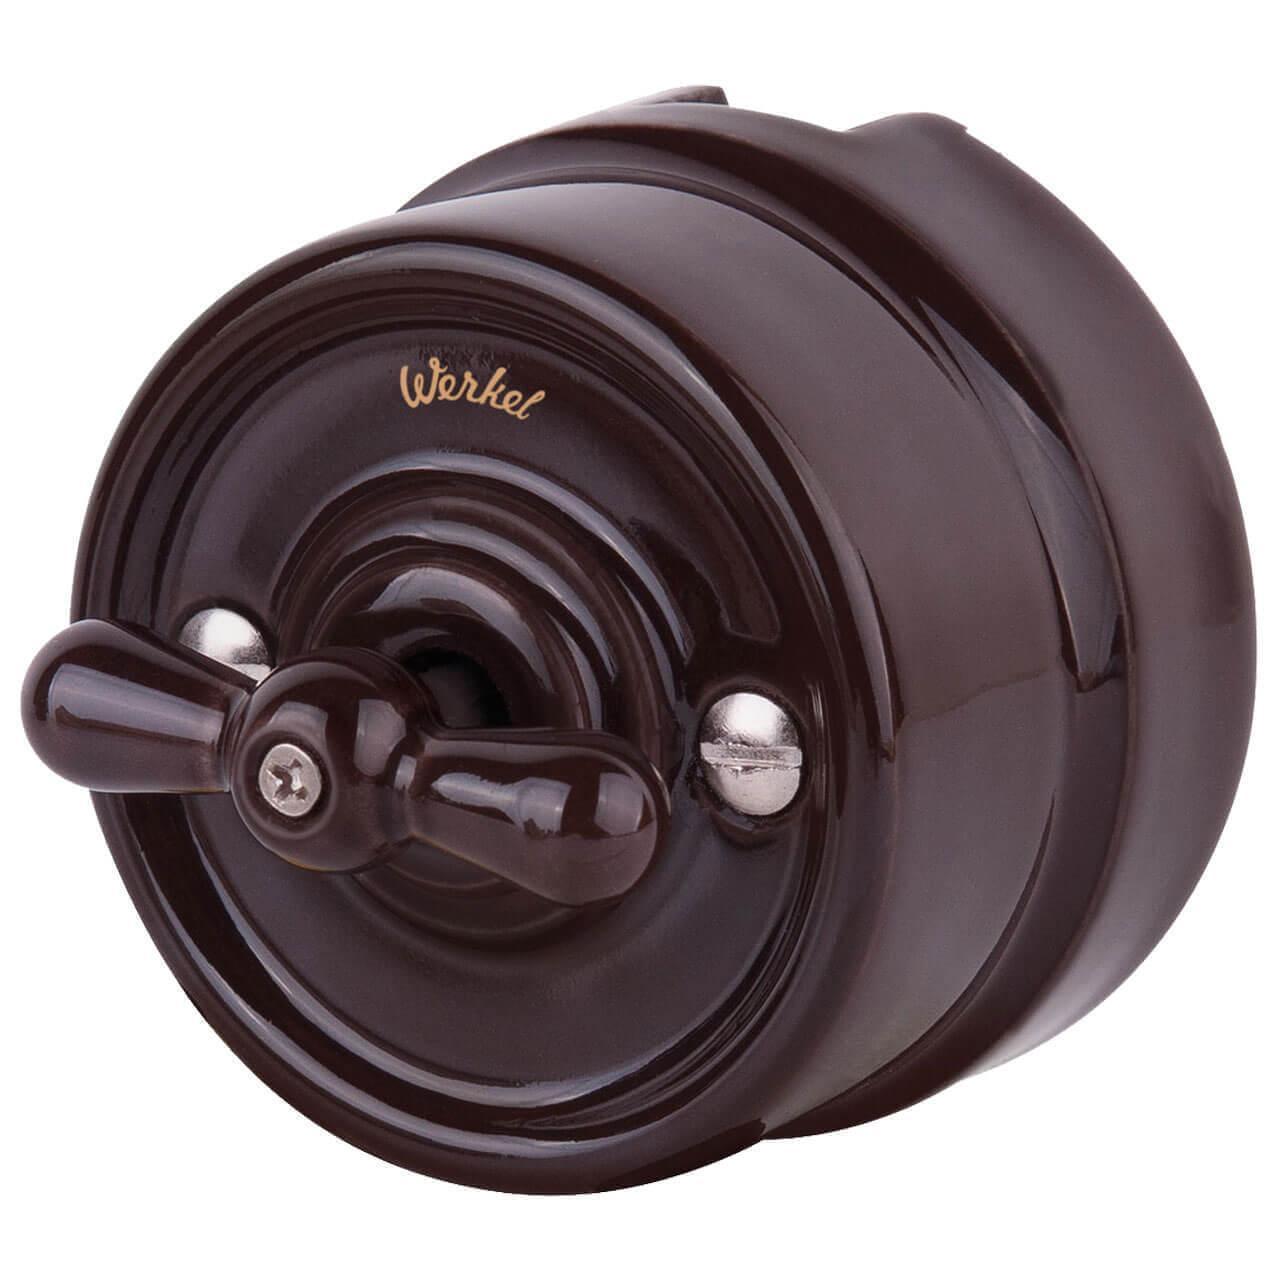 Выключатель Werkel на 4 положения двухклавишный Retro коричневый WL18-01-05 4690389100666